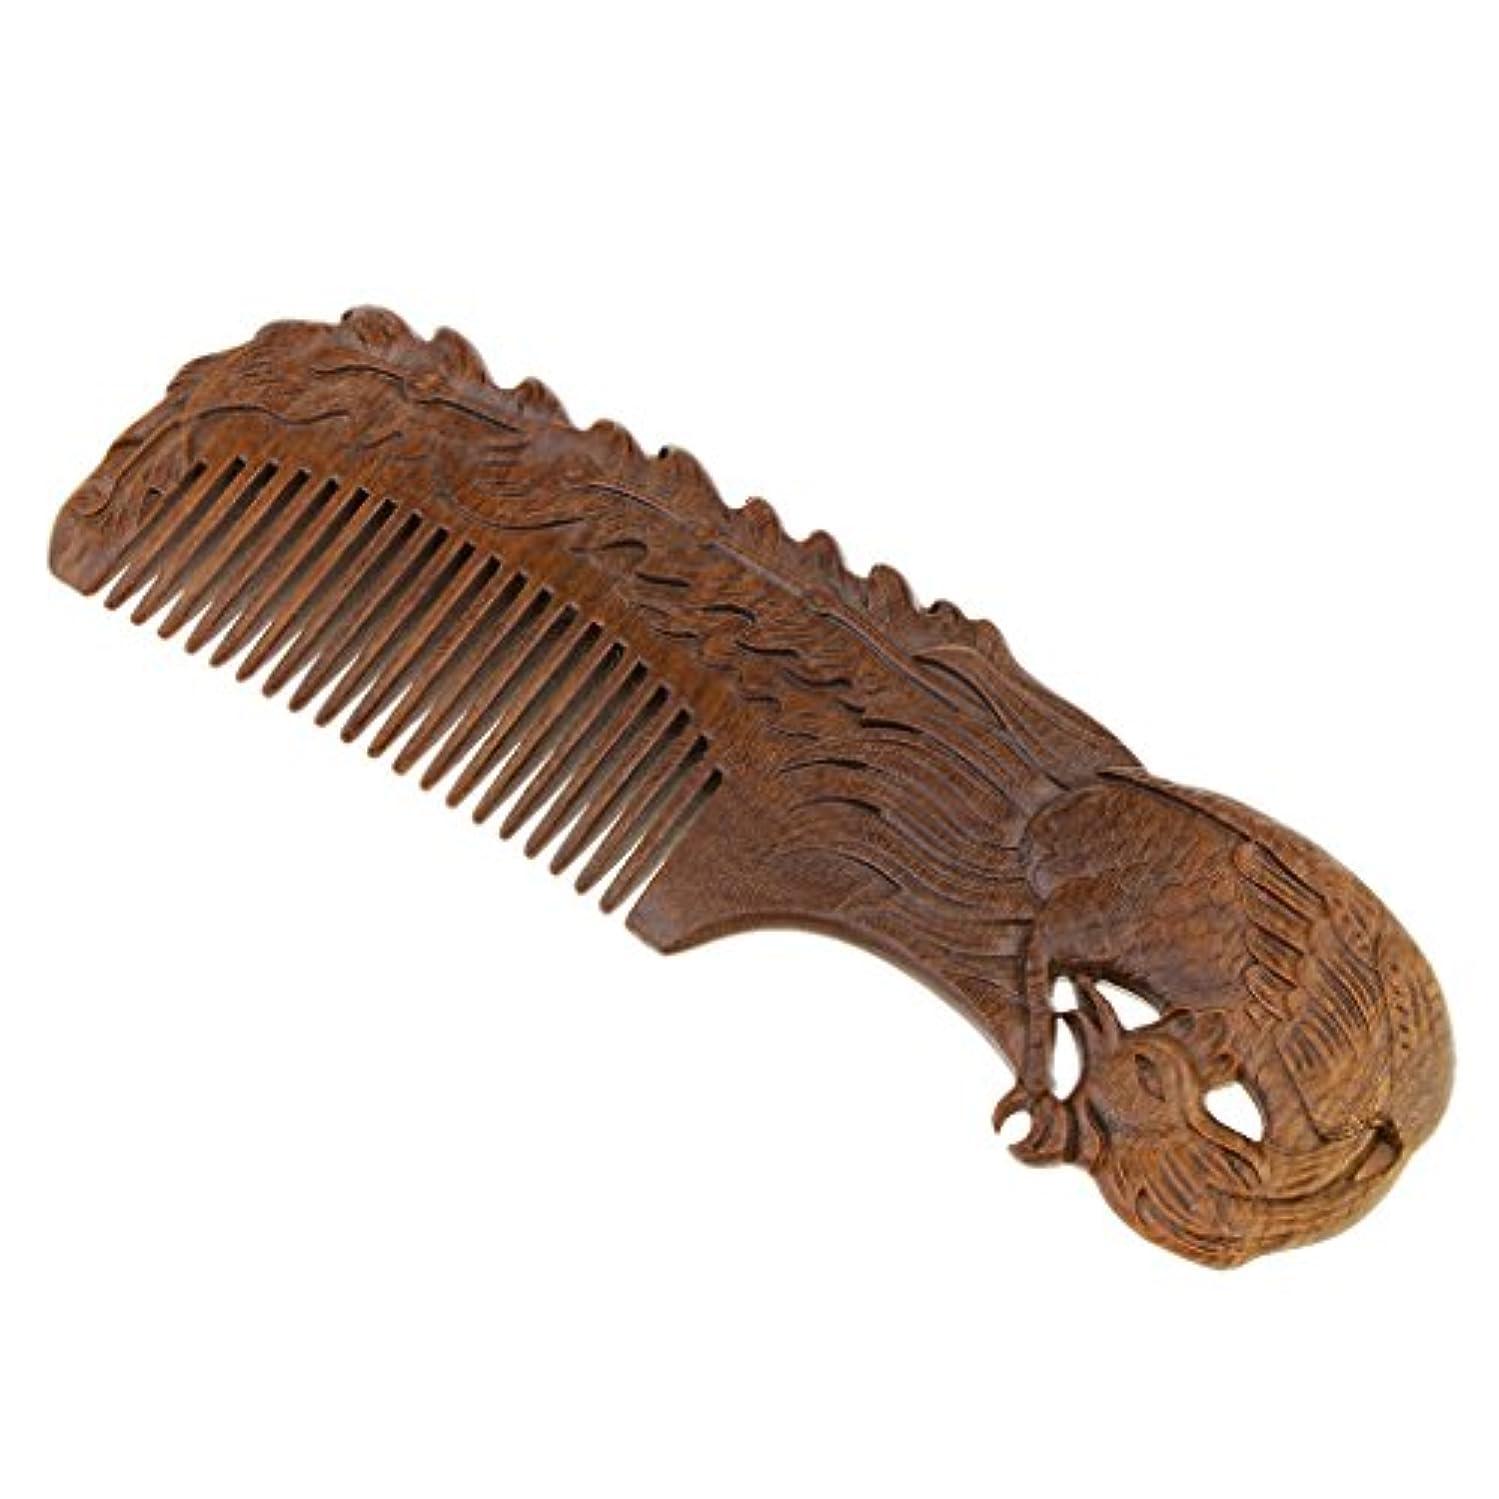 許容できる舌な衝動全2種類 木製 櫛 ウッドコーム ヘアブラシ ヘアコーム 頭皮マッサージ ギフト - Phoenix